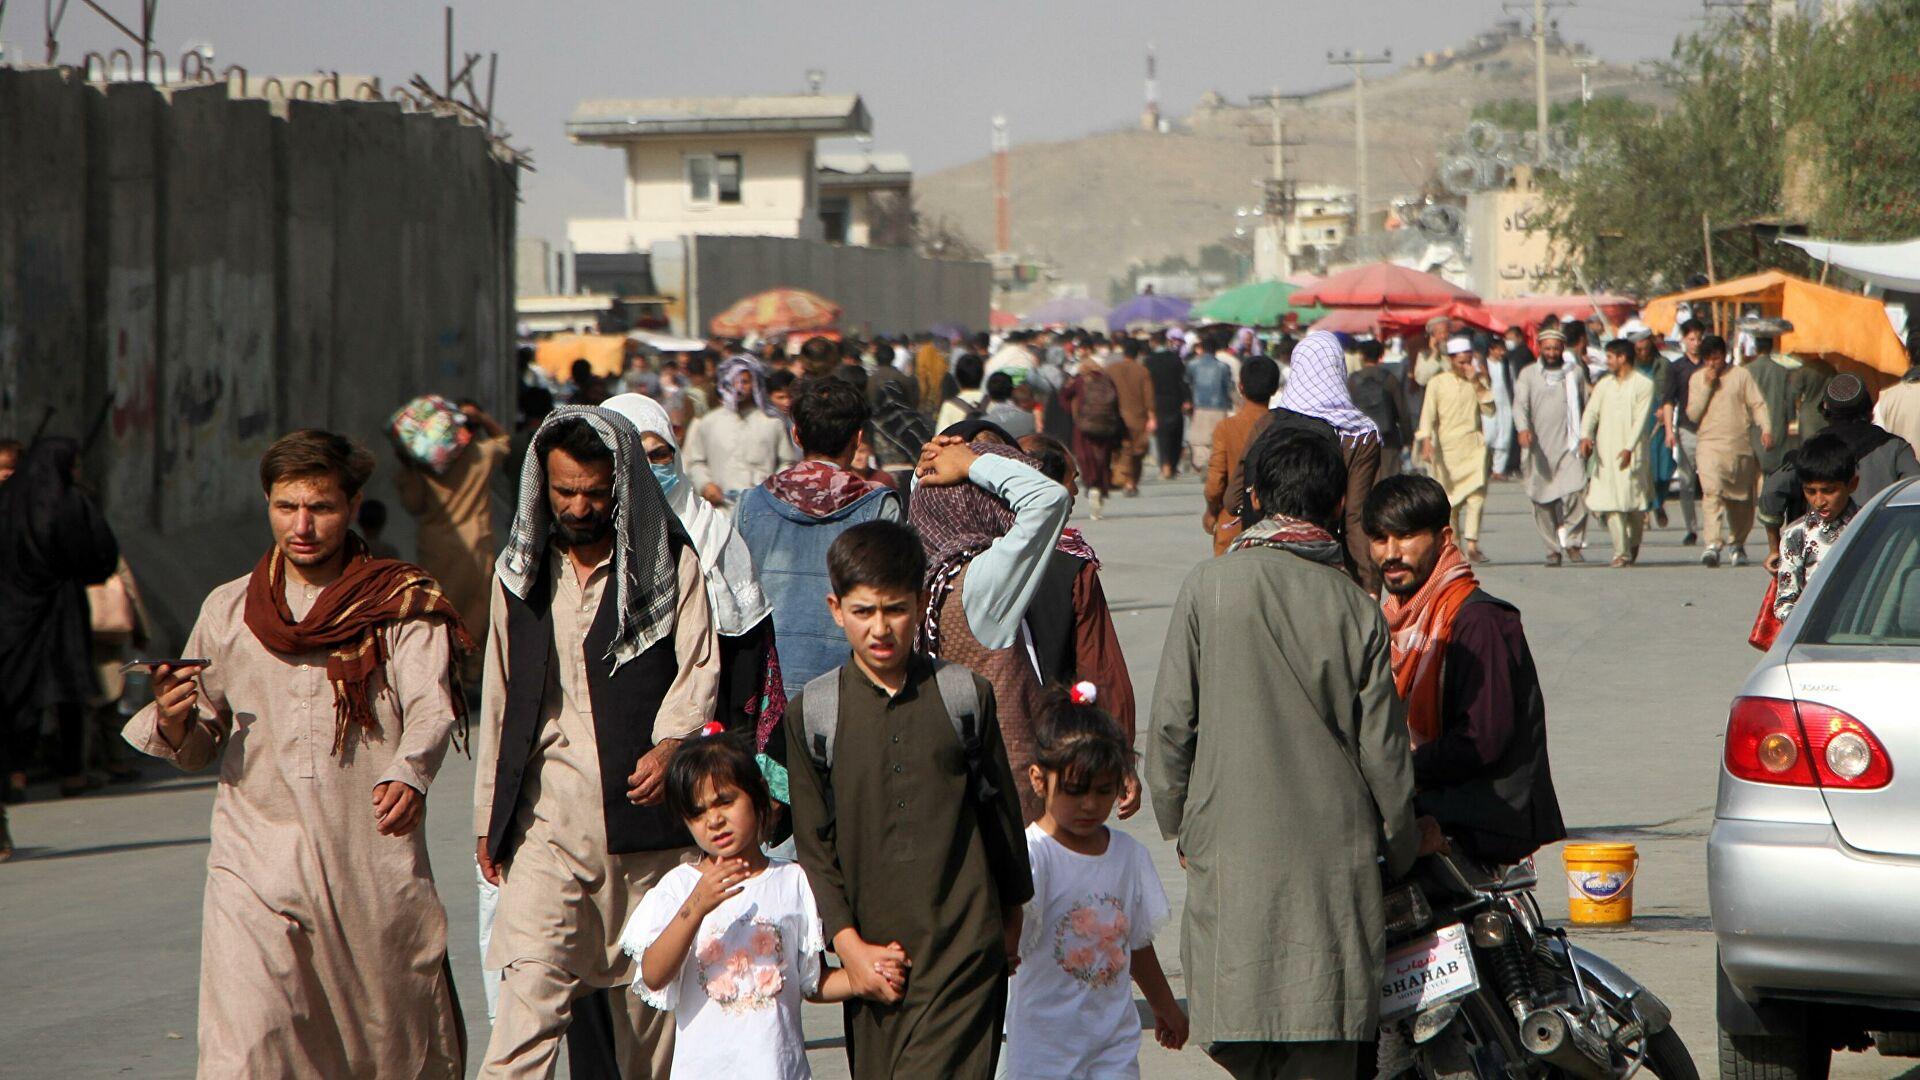 Талибы запретят музыку в общественных местах